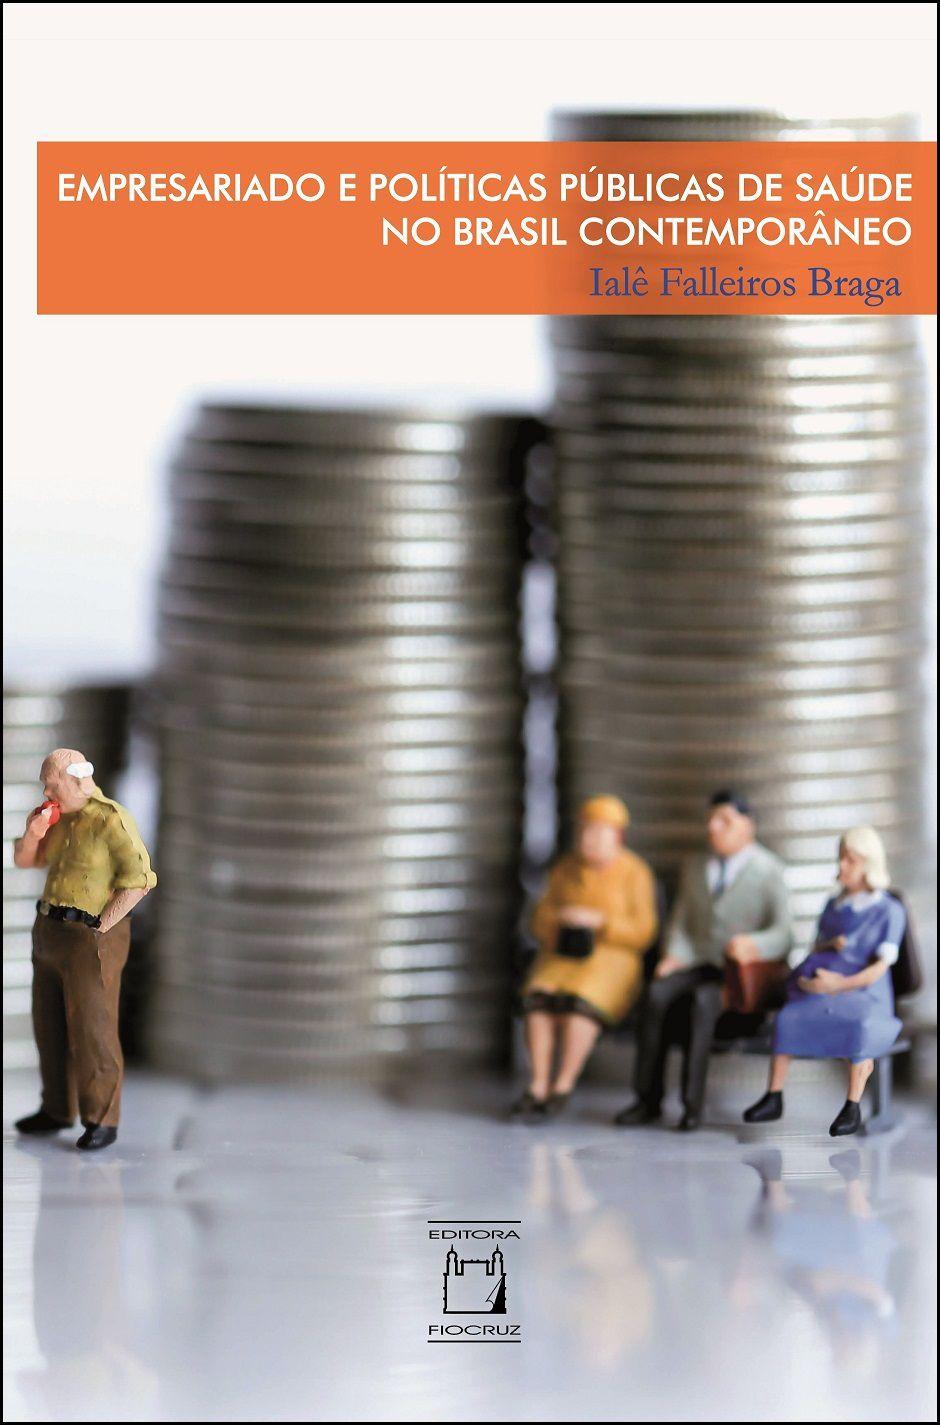 Empresariado e Políticas Públicas de Saúde no Brasil Contemporâneo  - Livraria Virtual da Editora Fiocruz